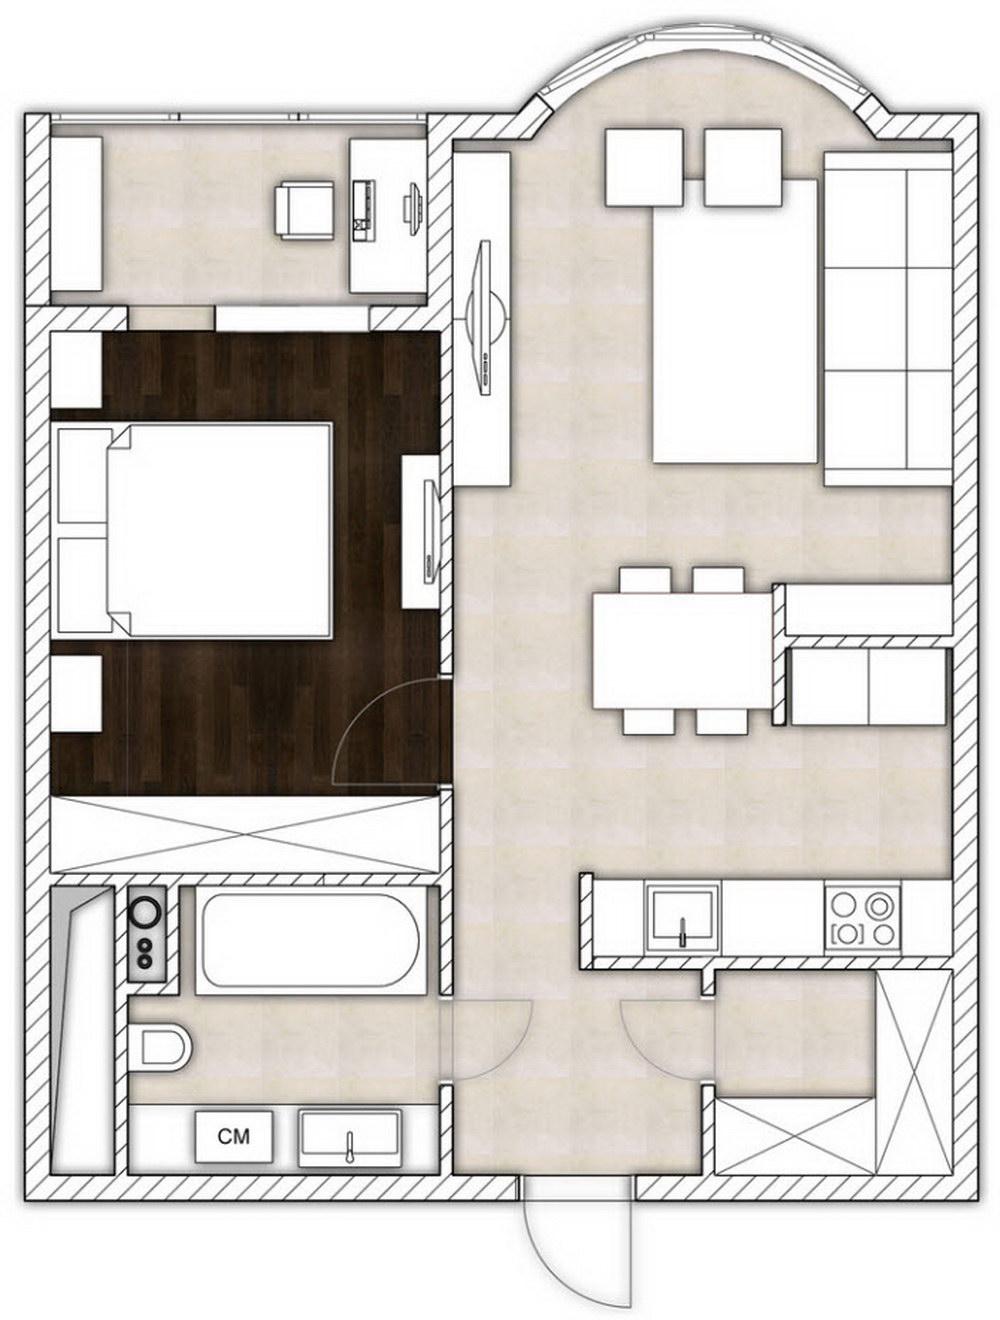 Объединение зон интерьера для экономии места в квартире - 70.